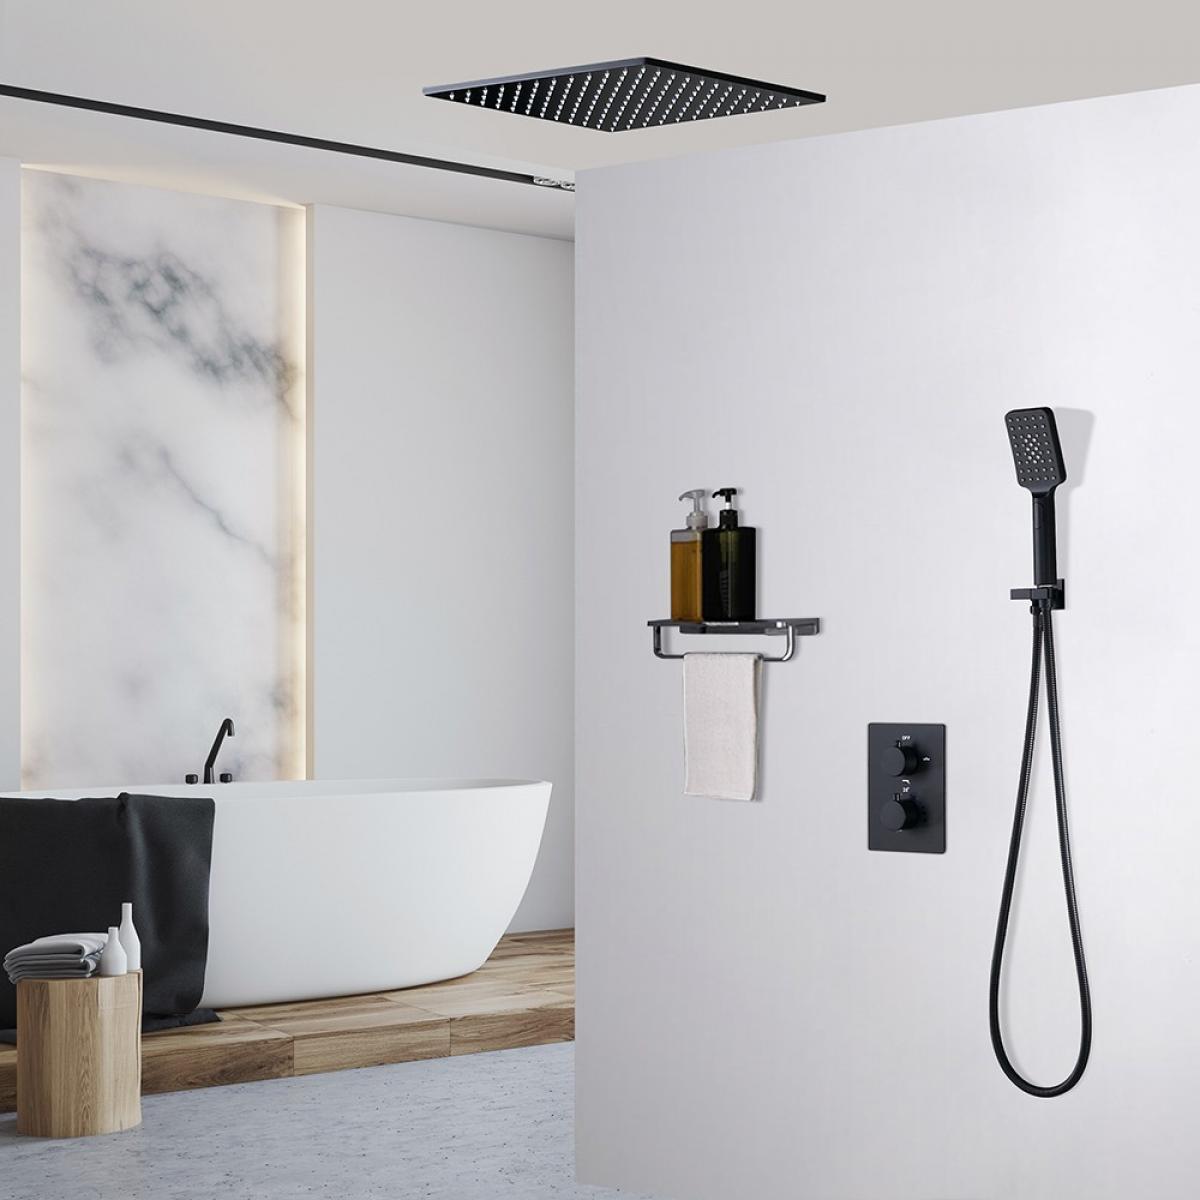 Kroos Système de douche thermostatique à double fonctions - Noir